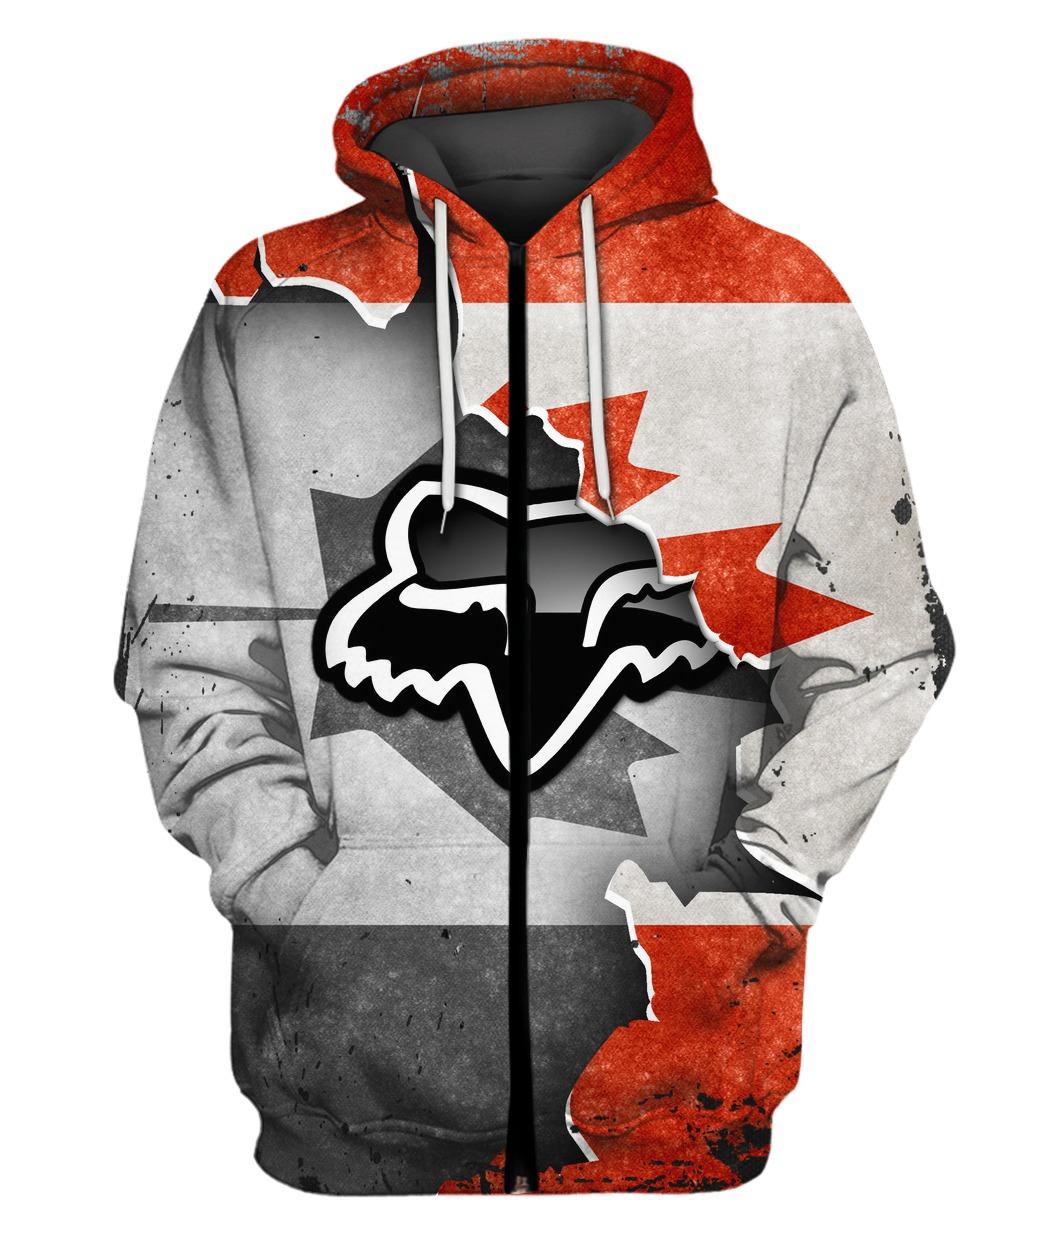 Fox racing in canada flag full printing zip hoodie